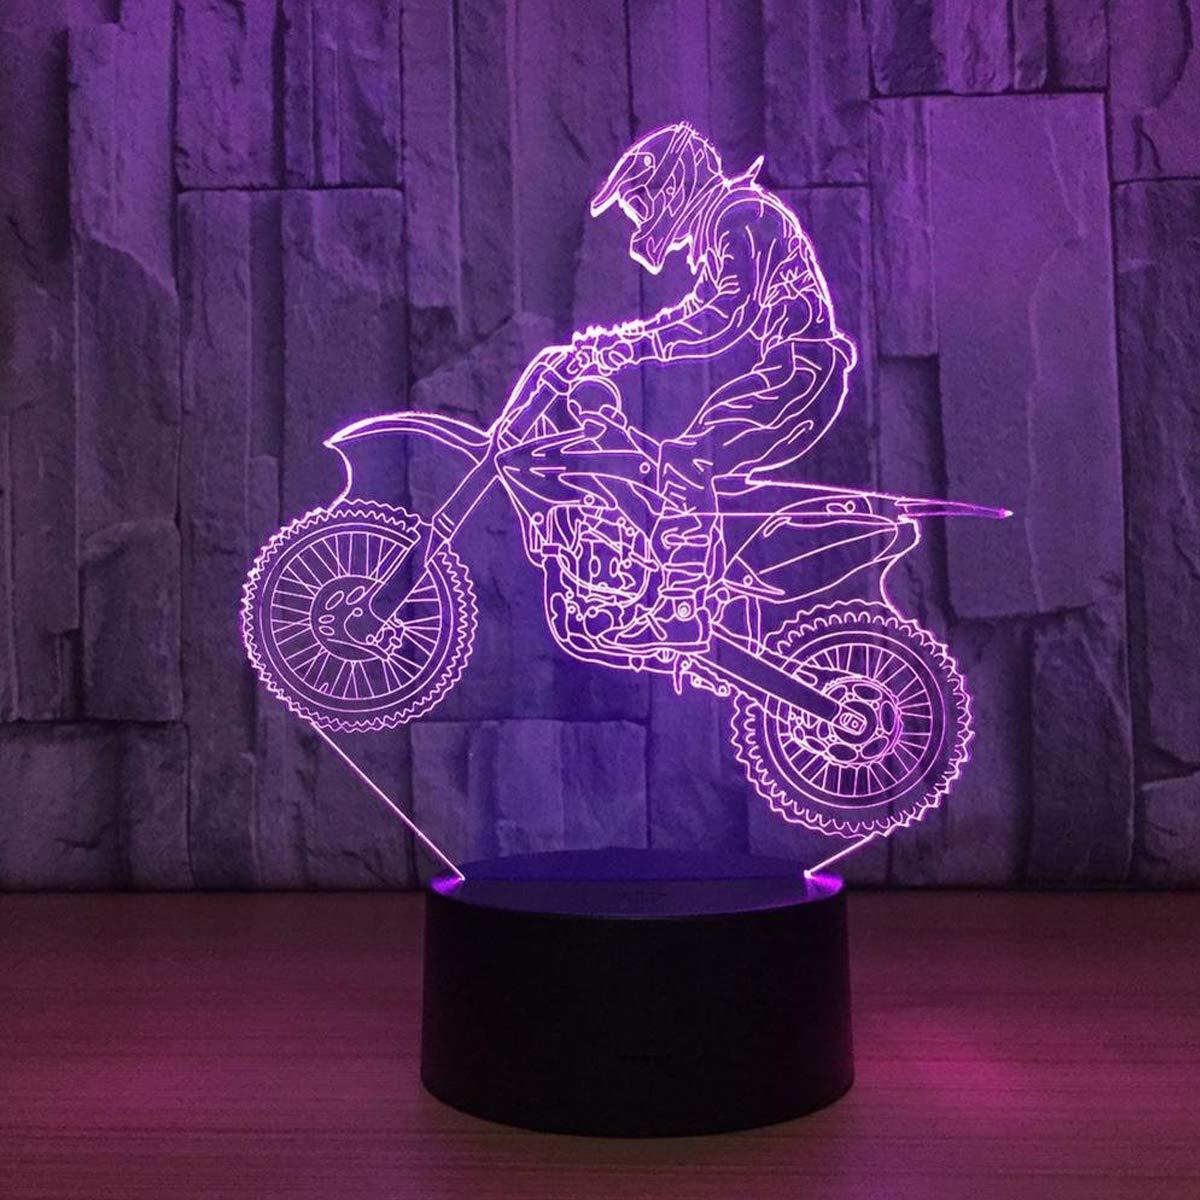 3D Lampe Illusion Optique LED Veilleuse, EASEHOME Optiques Illusions Lampe de Nuit 7 Couleurs Tactile Lampe de Chevet Chambre Table Art Déco Enfant Lumière de Nuit avec Câble USB, Vélo de Motocross